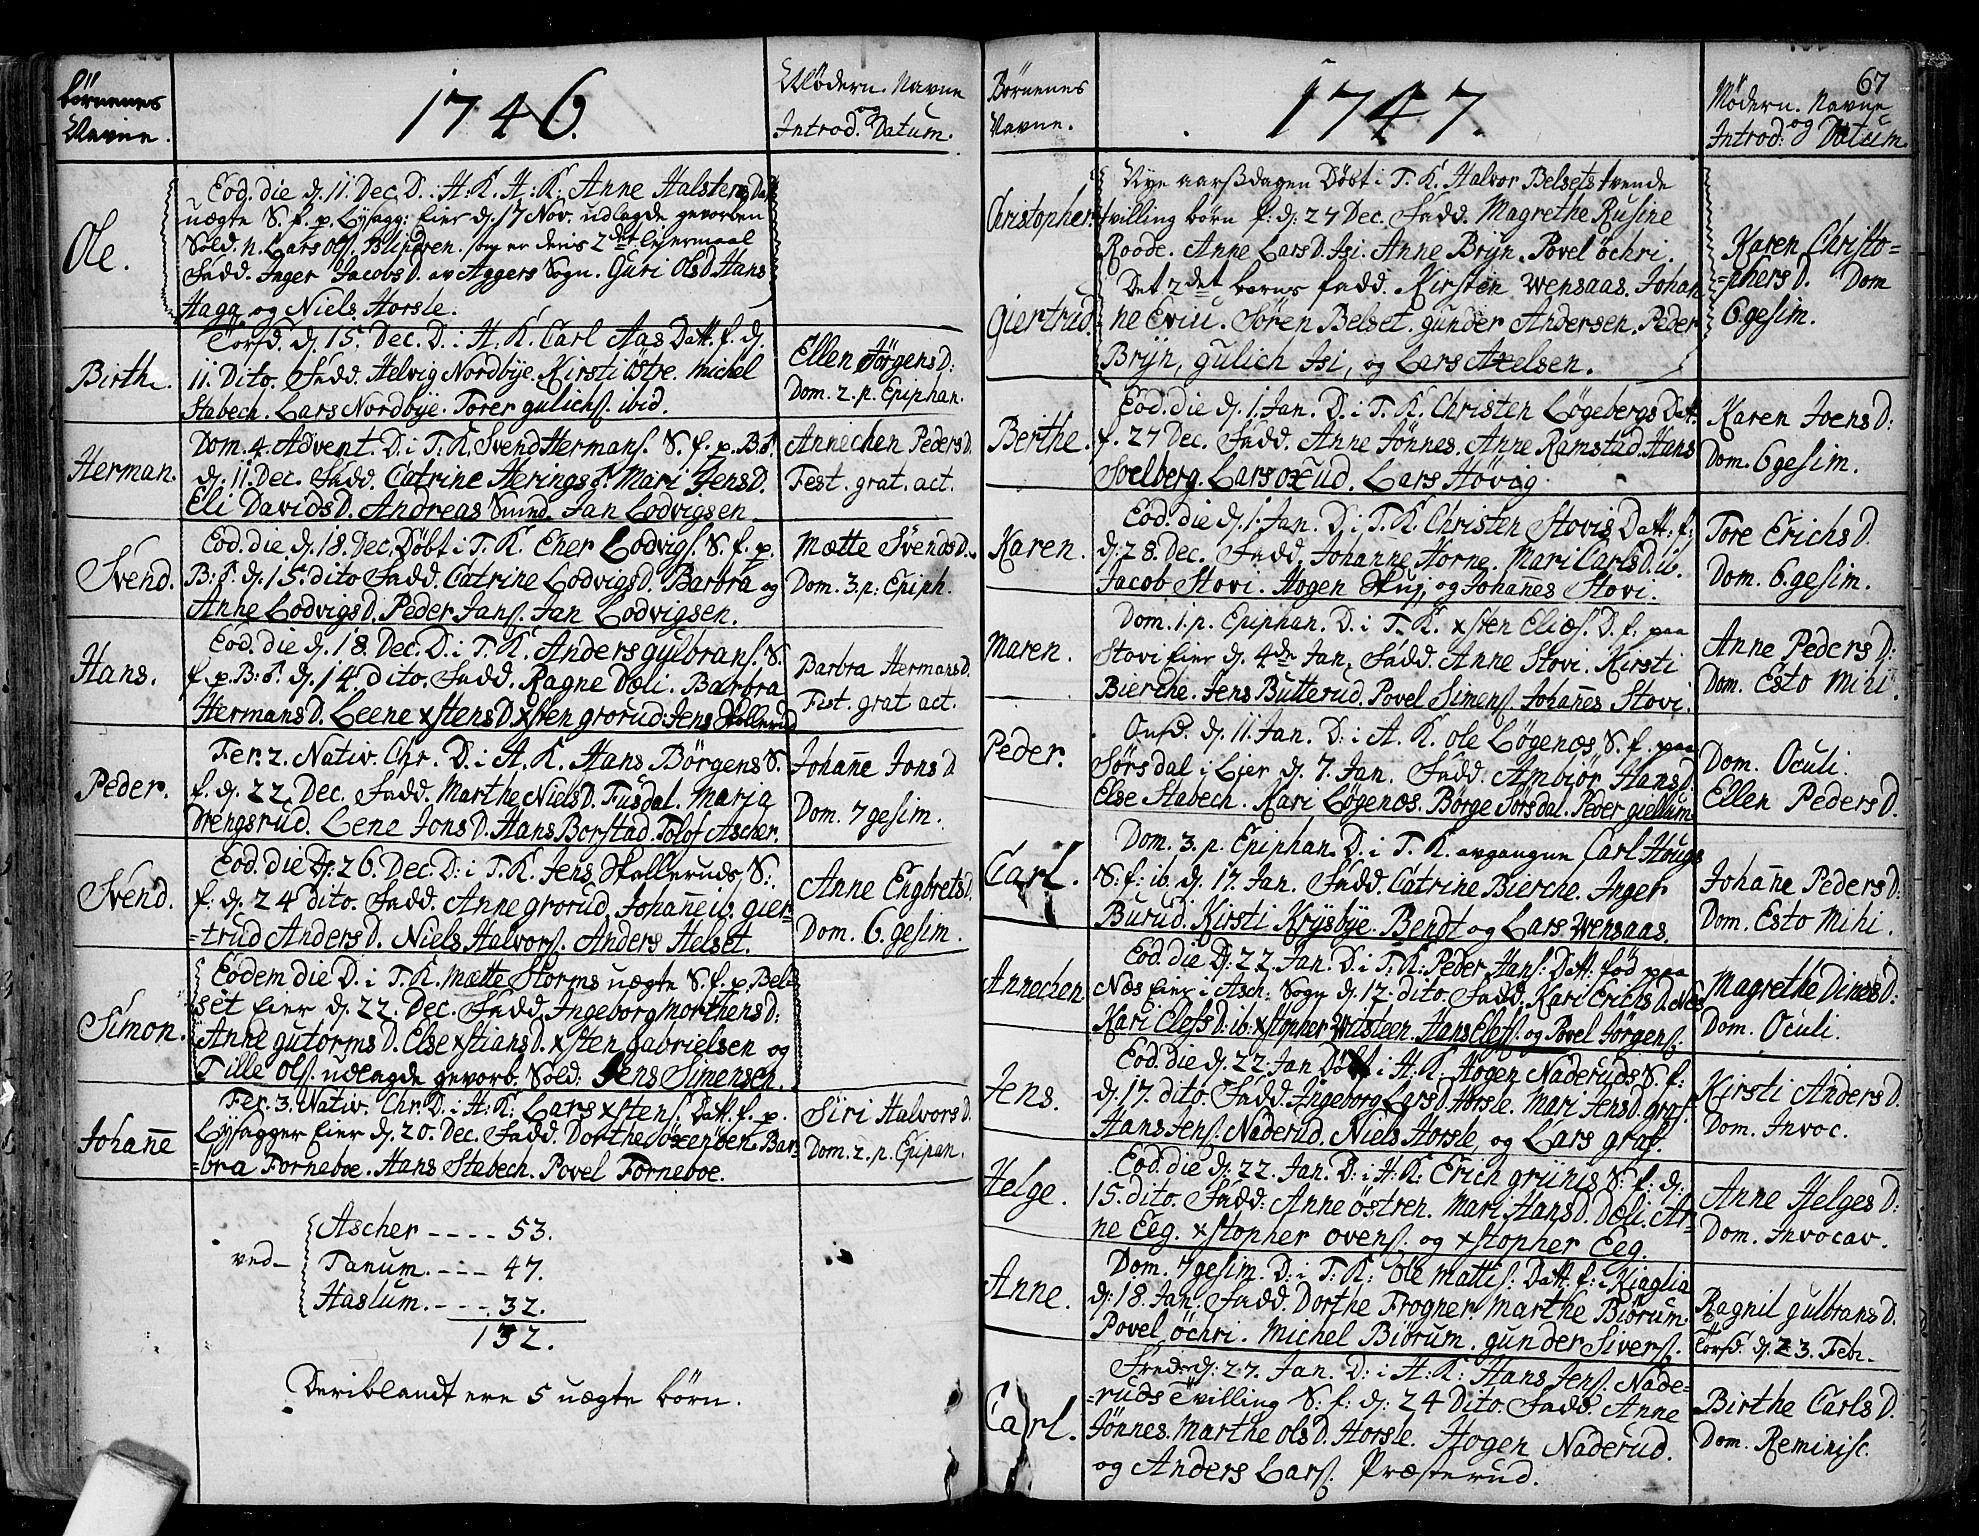 SAO, Asker prestekontor Kirkebøker, F/Fa/L0002: Ministerialbok nr. I 2, 1733-1766, s. 67